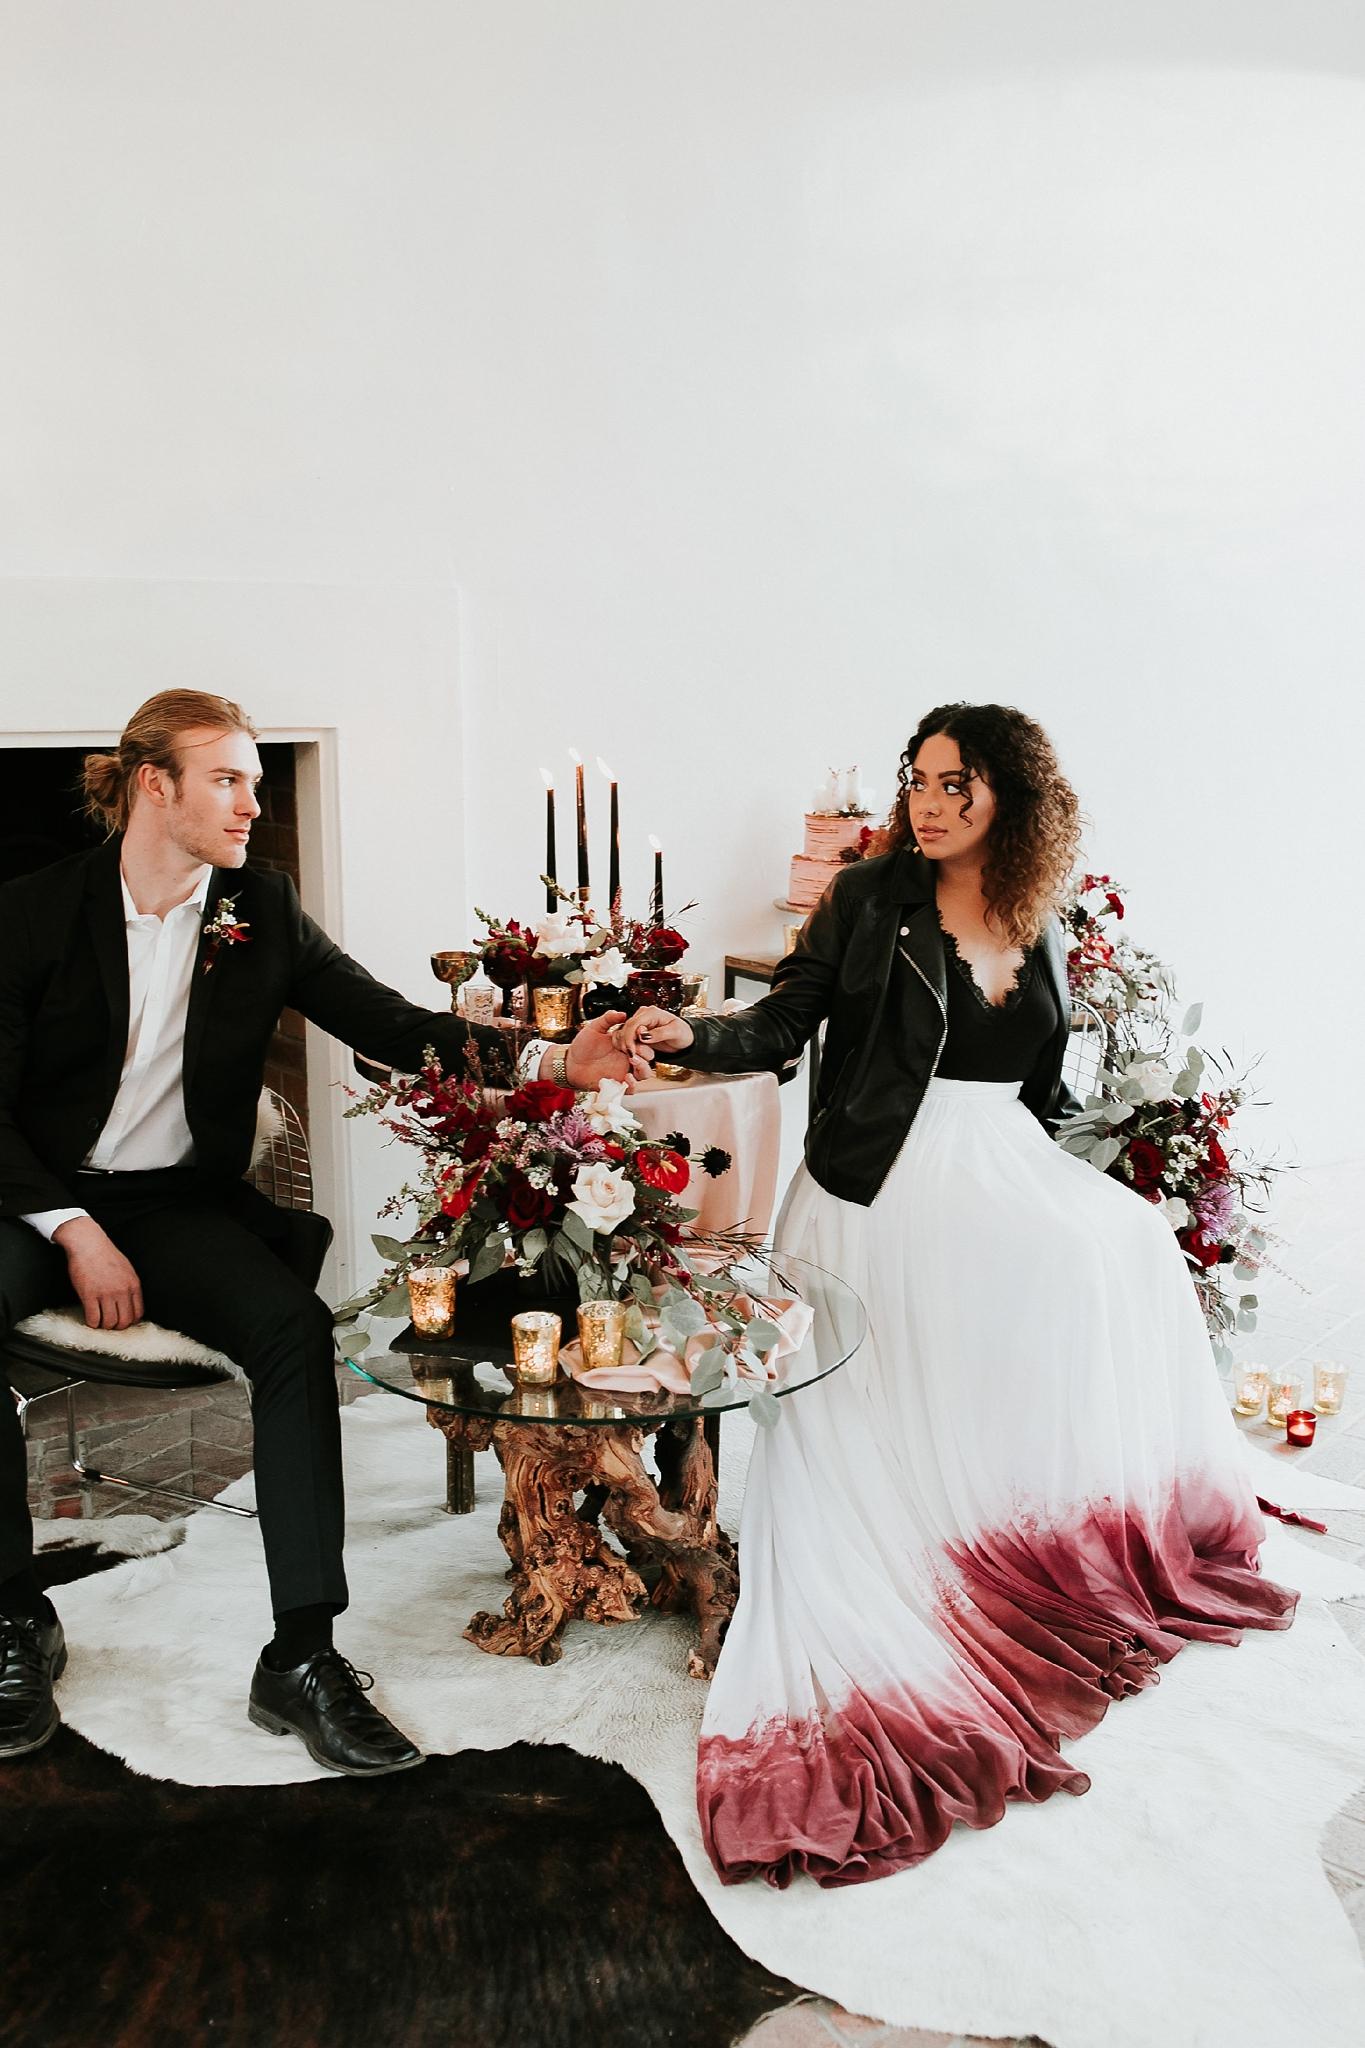 Alicia+lucia+photography+-+albuquerque+wedding+photographer+-+santa+fe+wedding+photography+-+new+mexico+wedding+photographer+-+new+mexico+wedding+-+wedding+-+winter+wedding+-+wedding+reception+-+winter+wedding+reception_0037.jpg